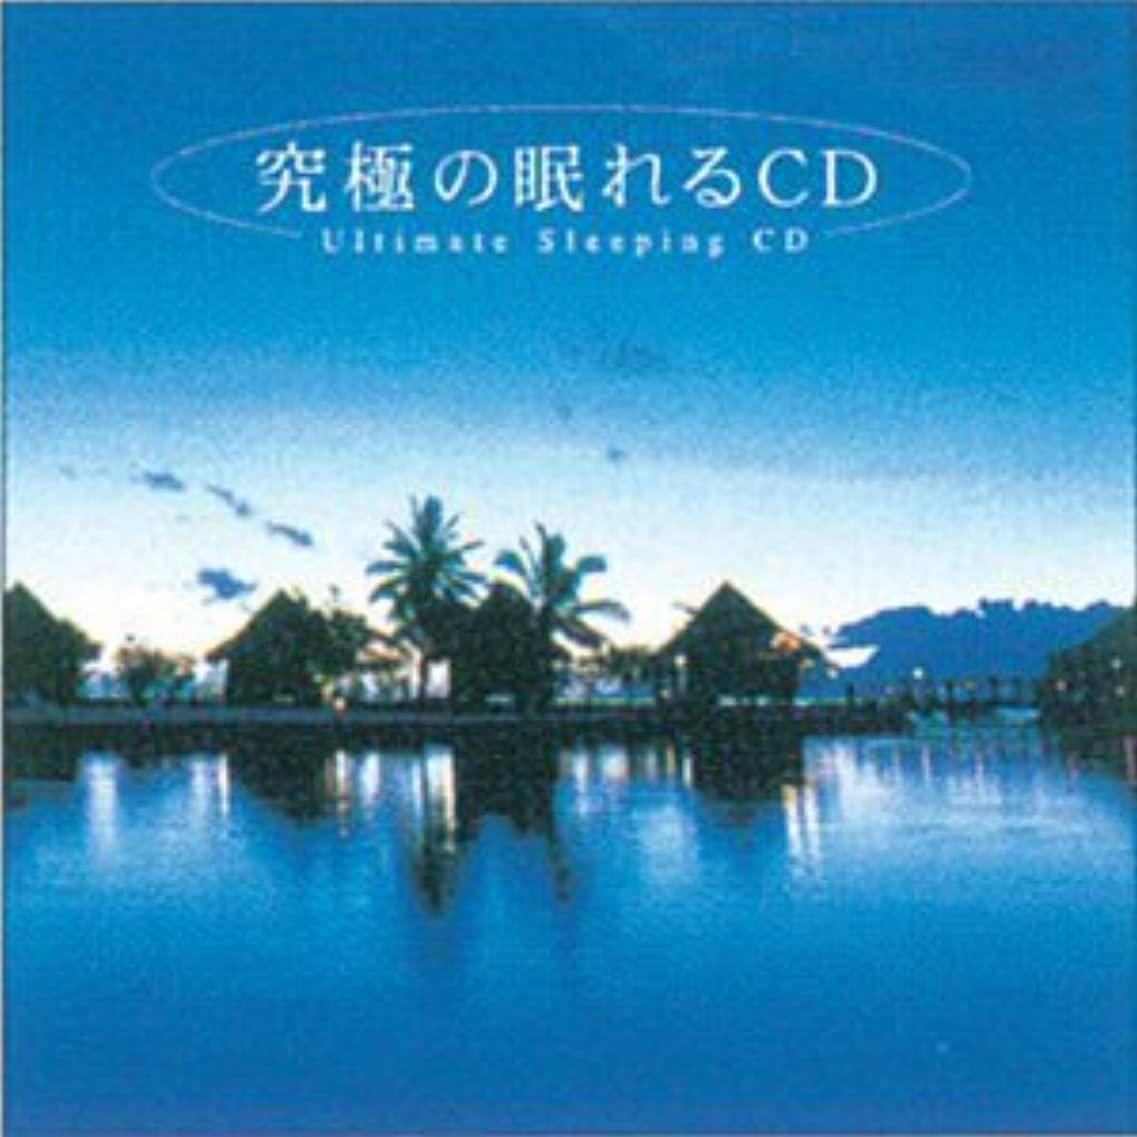 きつく予想外酔っ払い【メディカルブック】 リラクゼーションCD 究極の眠れるCD(60分) (SI-407L)